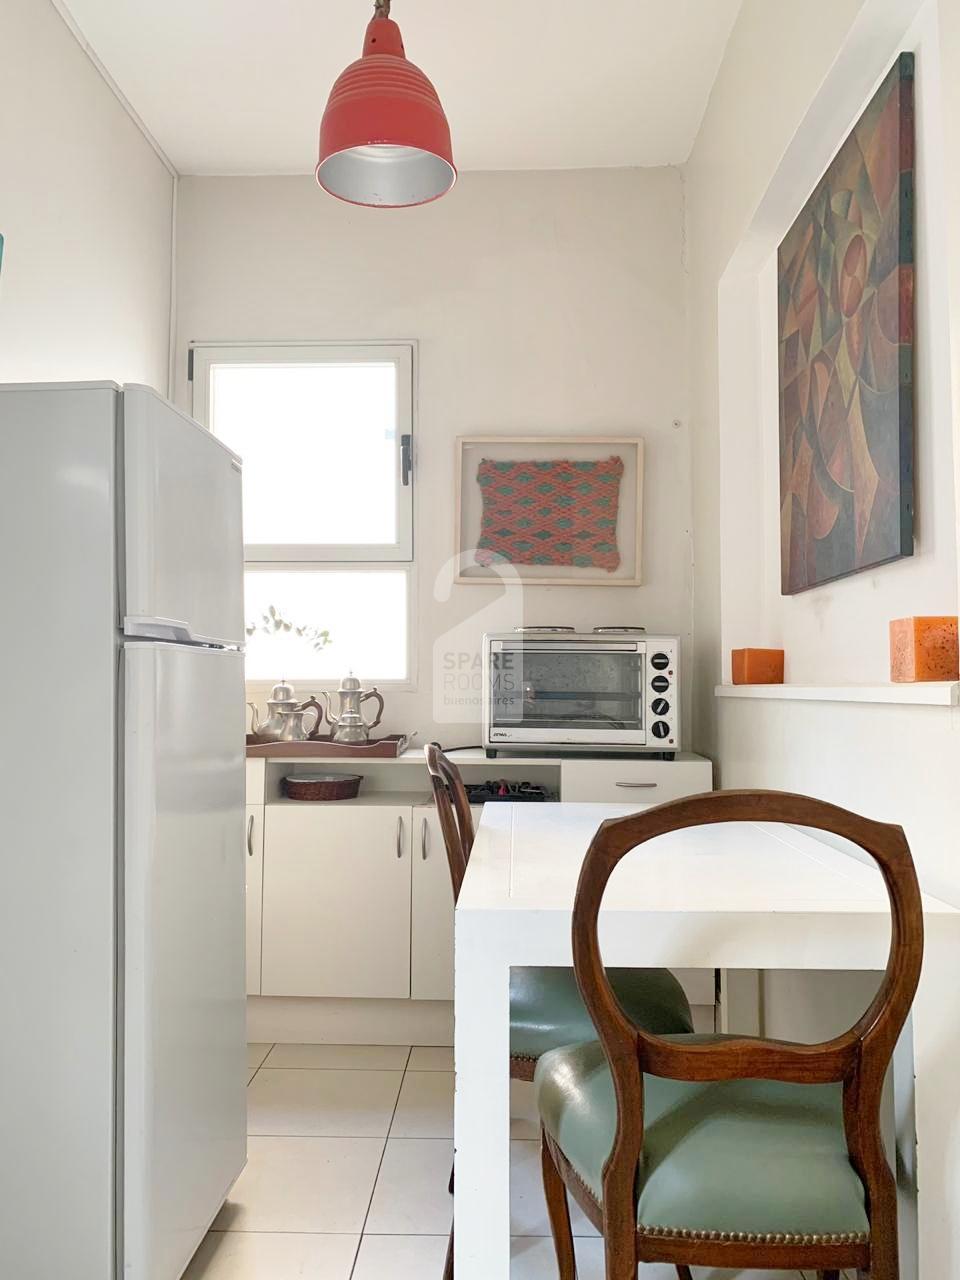 The private Kitchen